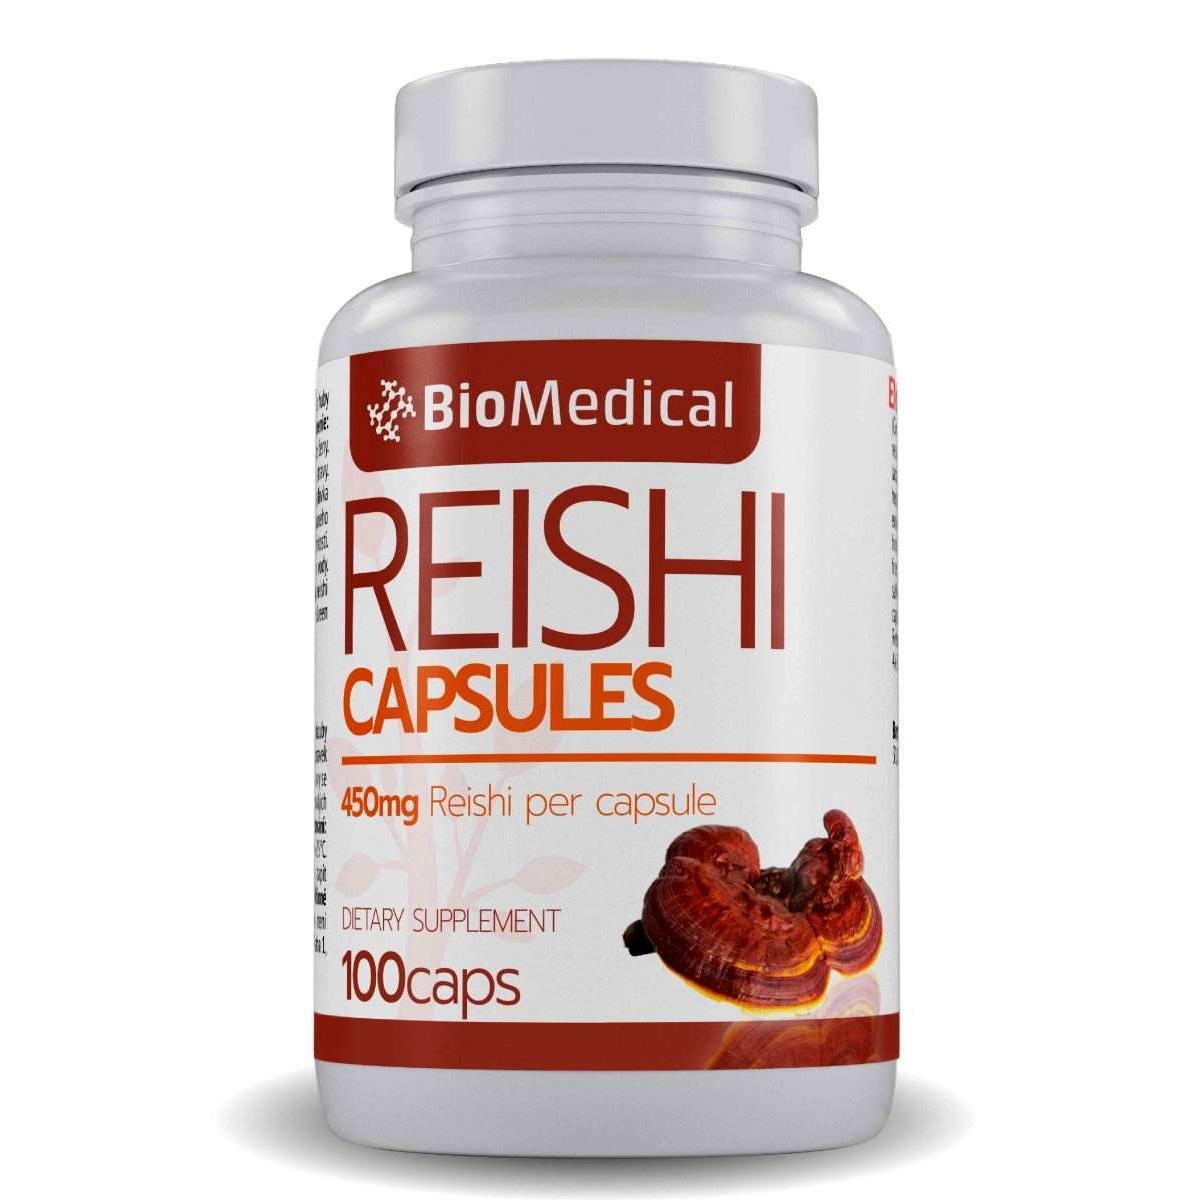 Reishi kapsuly - 100 caps